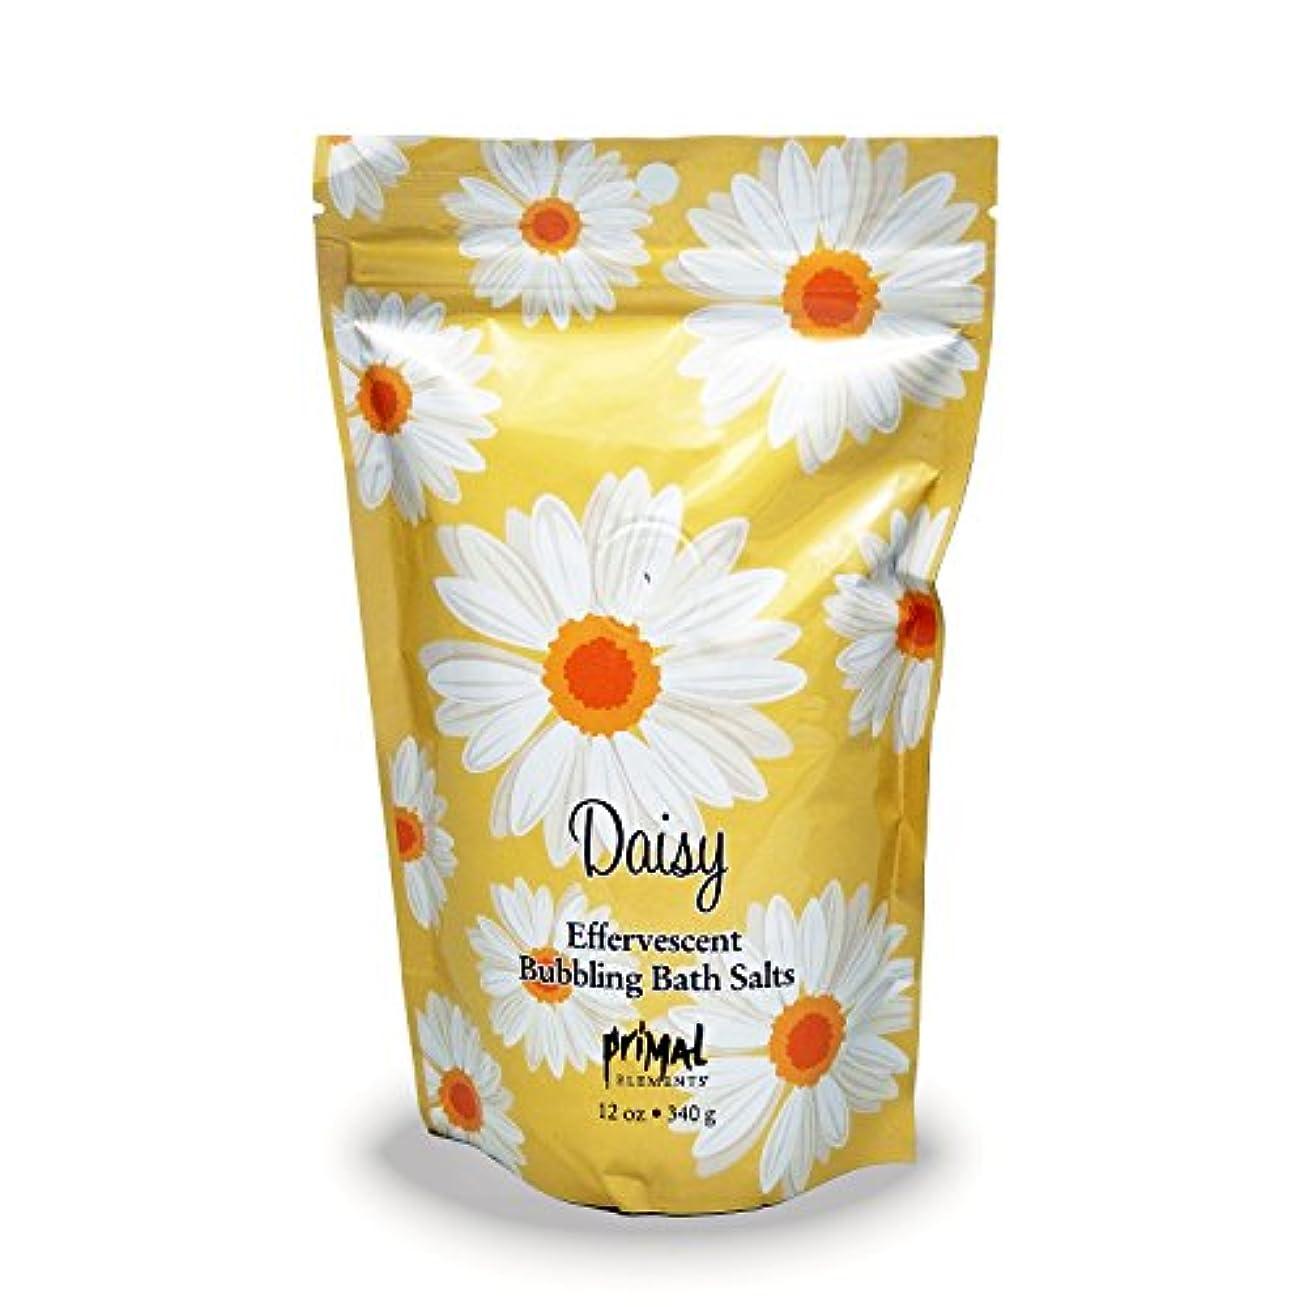 再生肥料段落プライモールエレメンツ バブリング バスソルト/デイジー 340g エプソムソルト含有 アロマの香りがひろがる泡立つ入浴剤